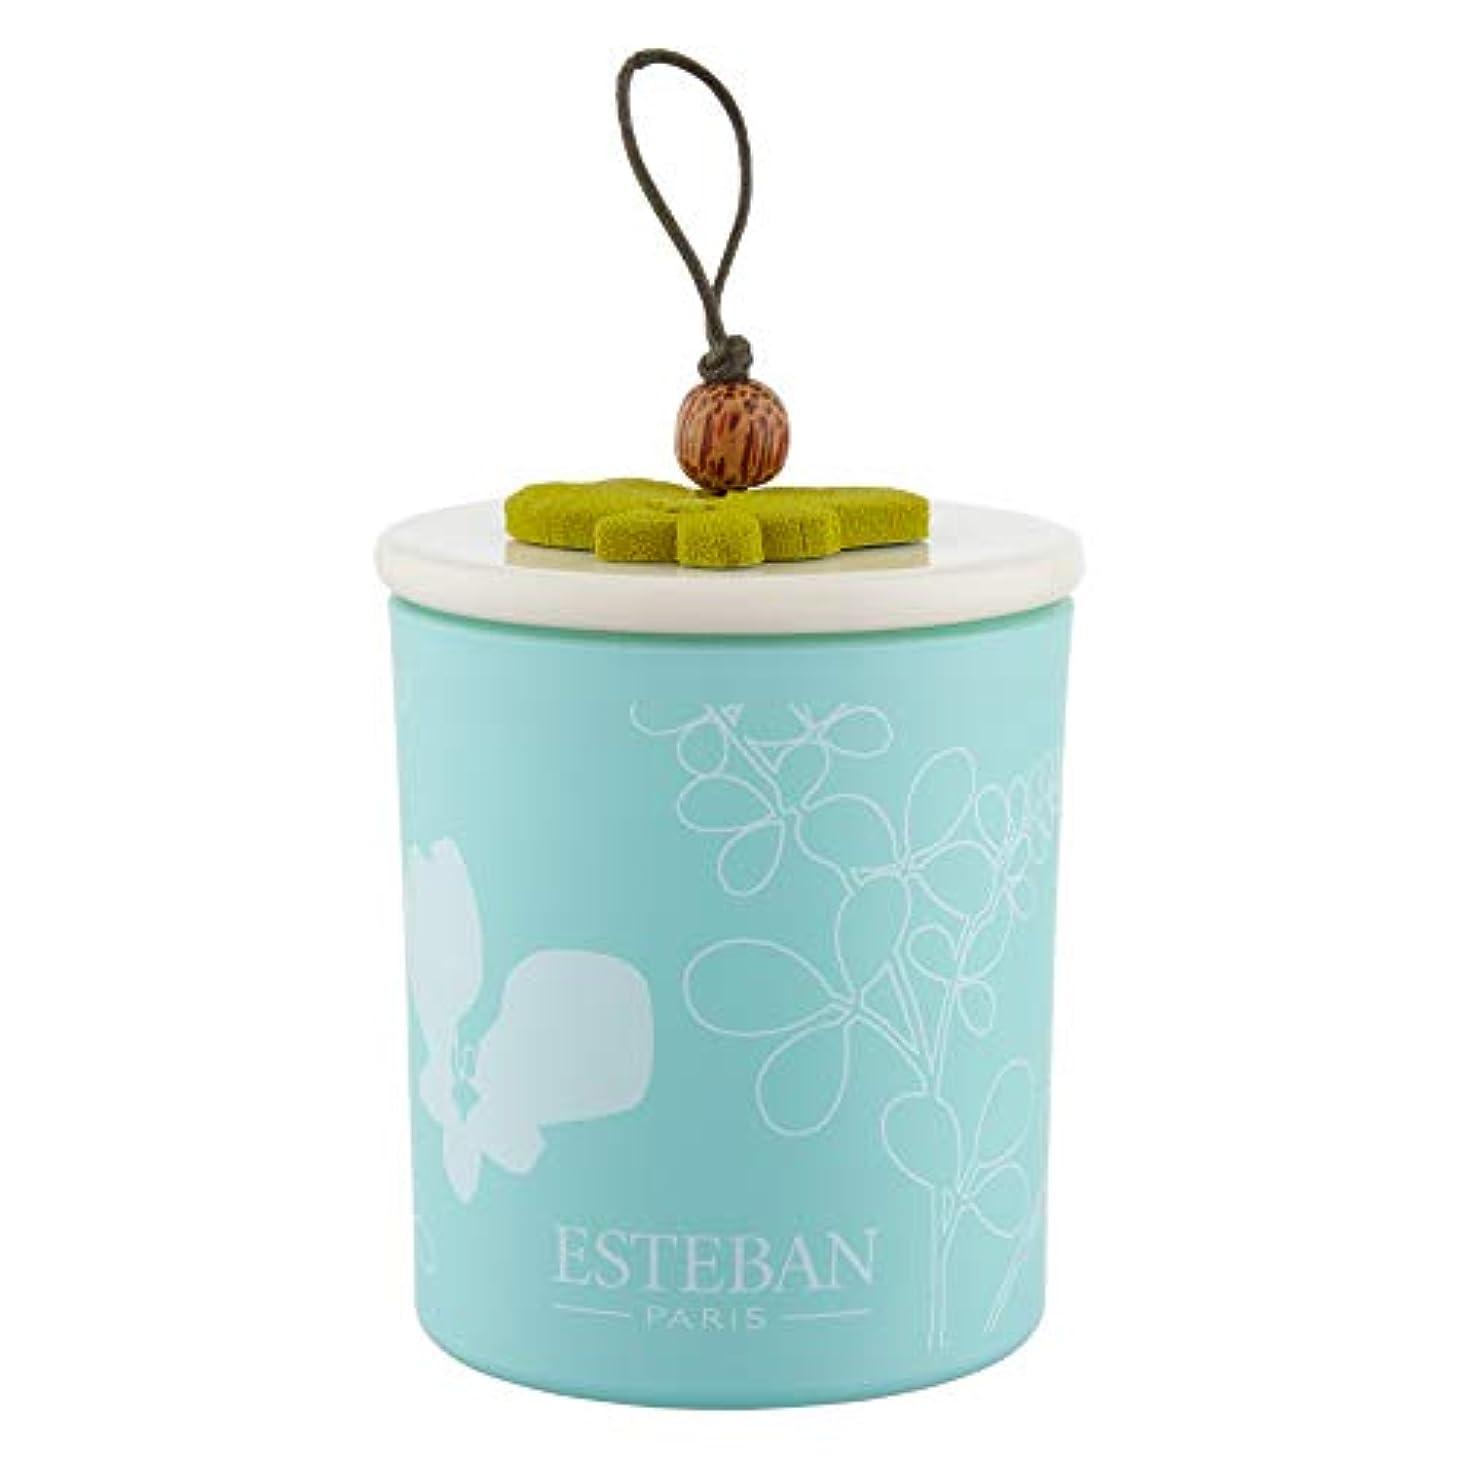 電気興奮空洞[Esteban ] エステバンは、装飾されたキャンドル170グラムを香りOrchidee - Esteban Orchid?e Scented Decorated Candle 170g [並行輸入品]